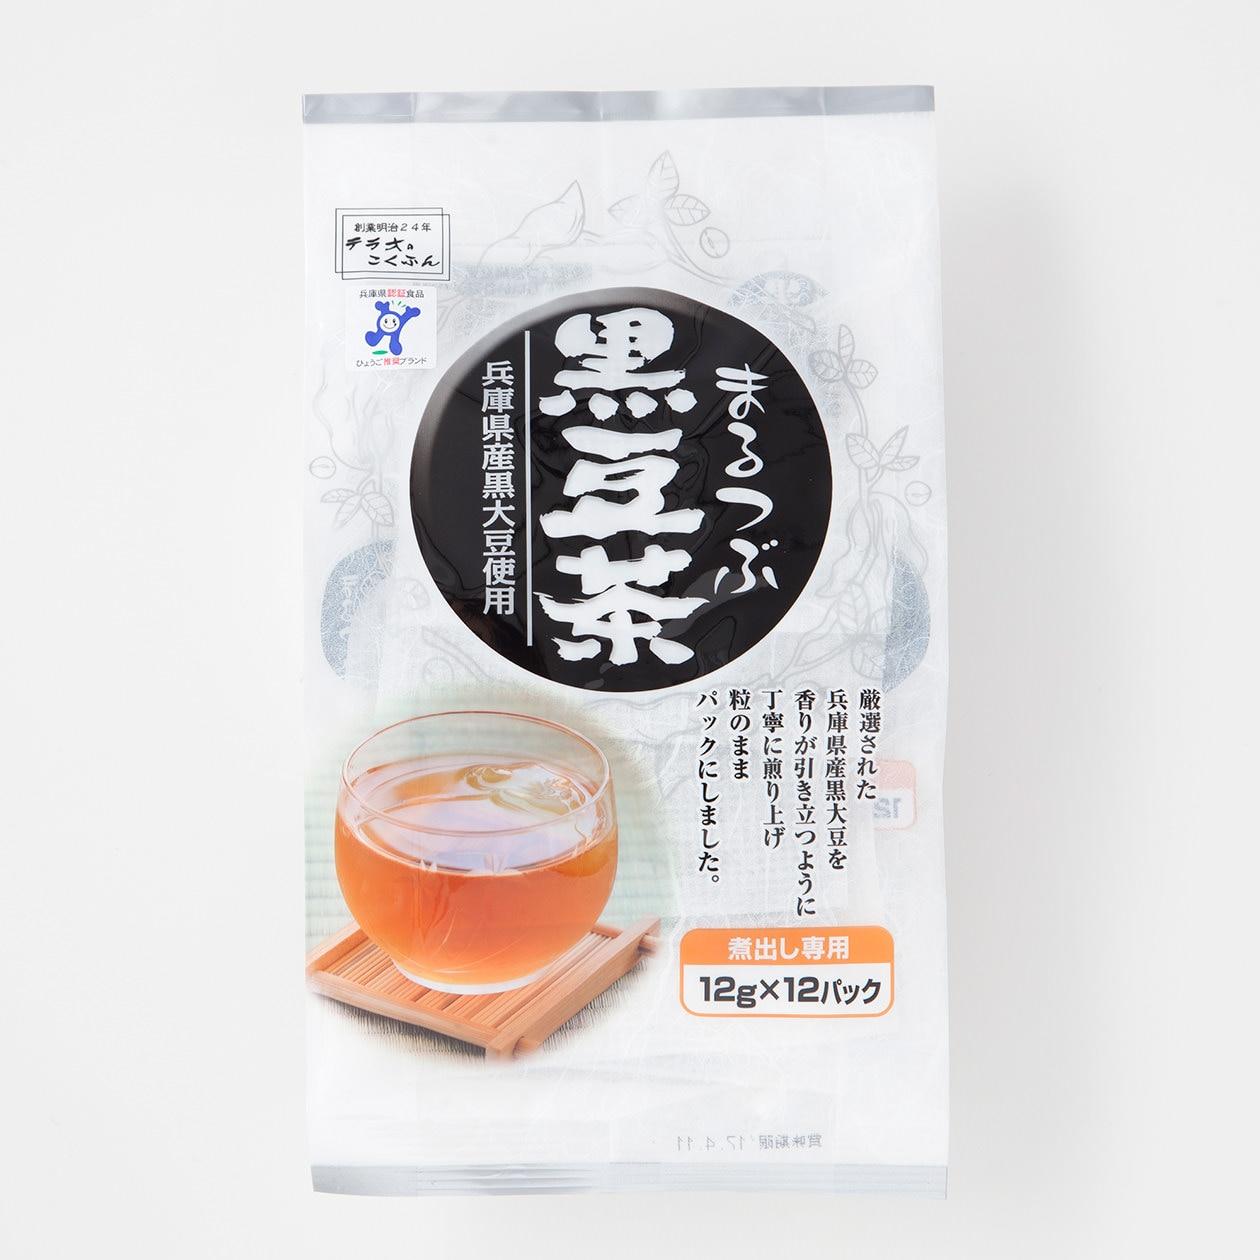 兵庫県姫路市 まるつぶ黒豆茶